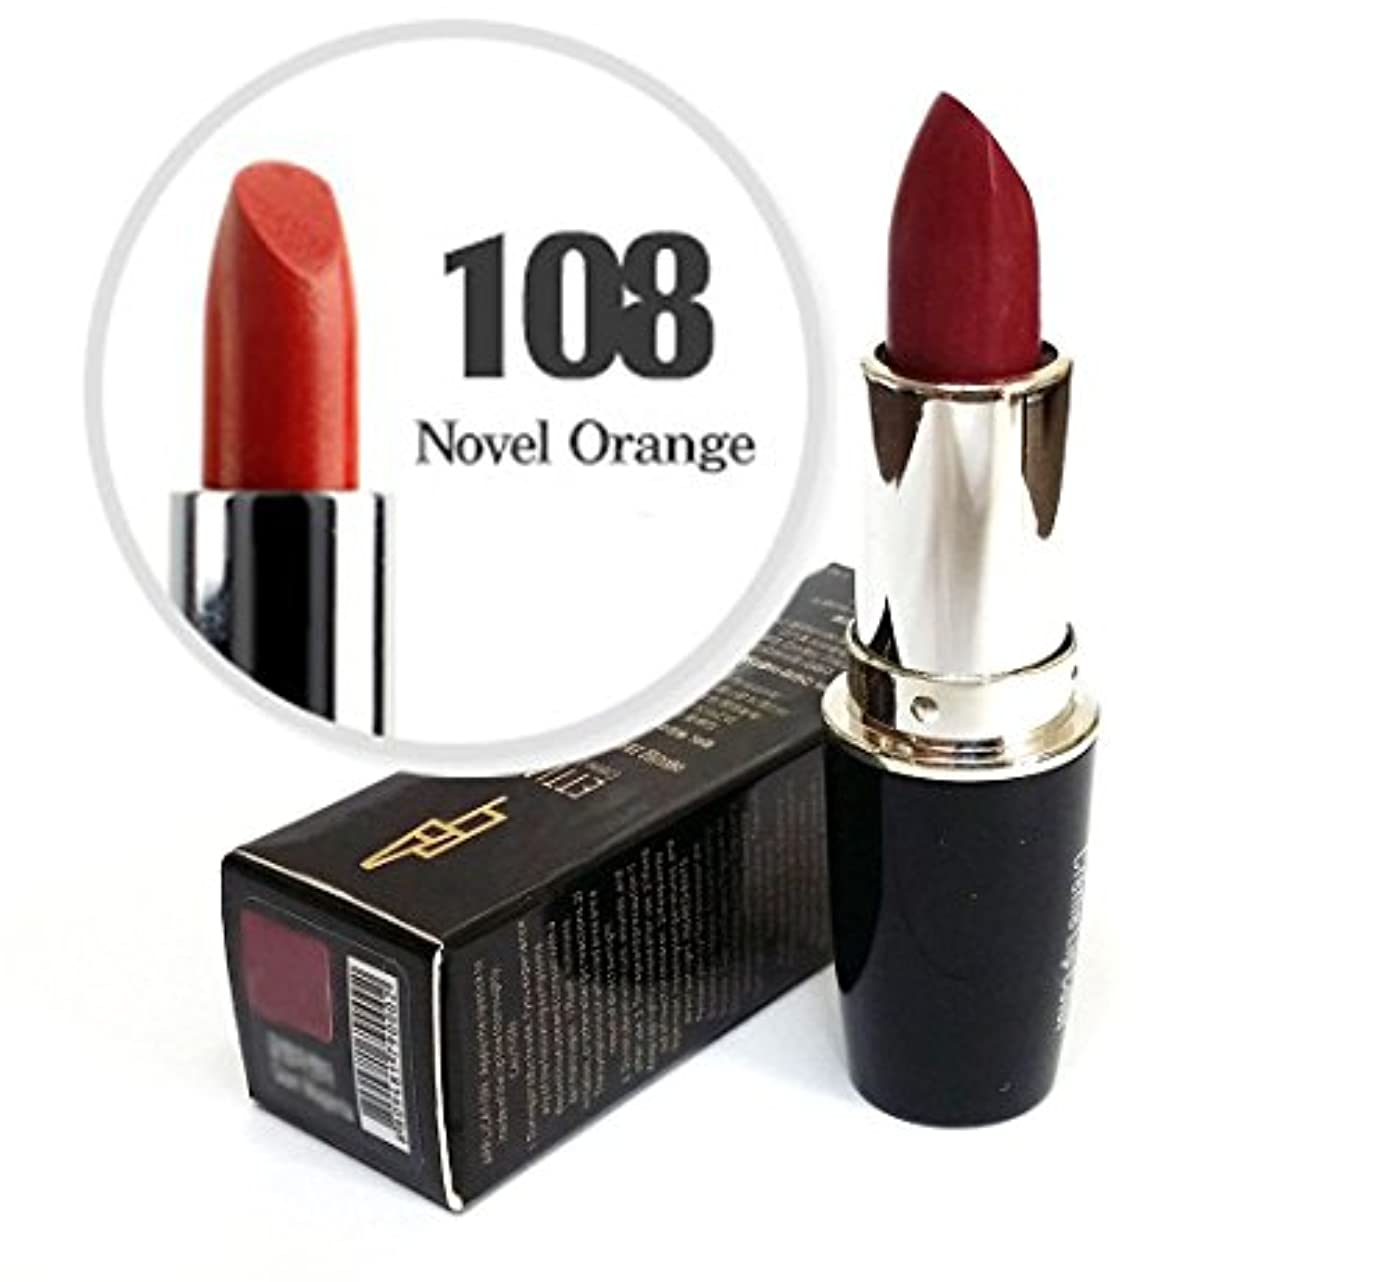 海里受け取る保持する[Ettian] クリームリップカラー3.5g / Cream Lip Color 3.5g / 新しい口紅 #108小説オレンジ/ New Lipstick #108 Novel Orange / ドライ感じることはありません...